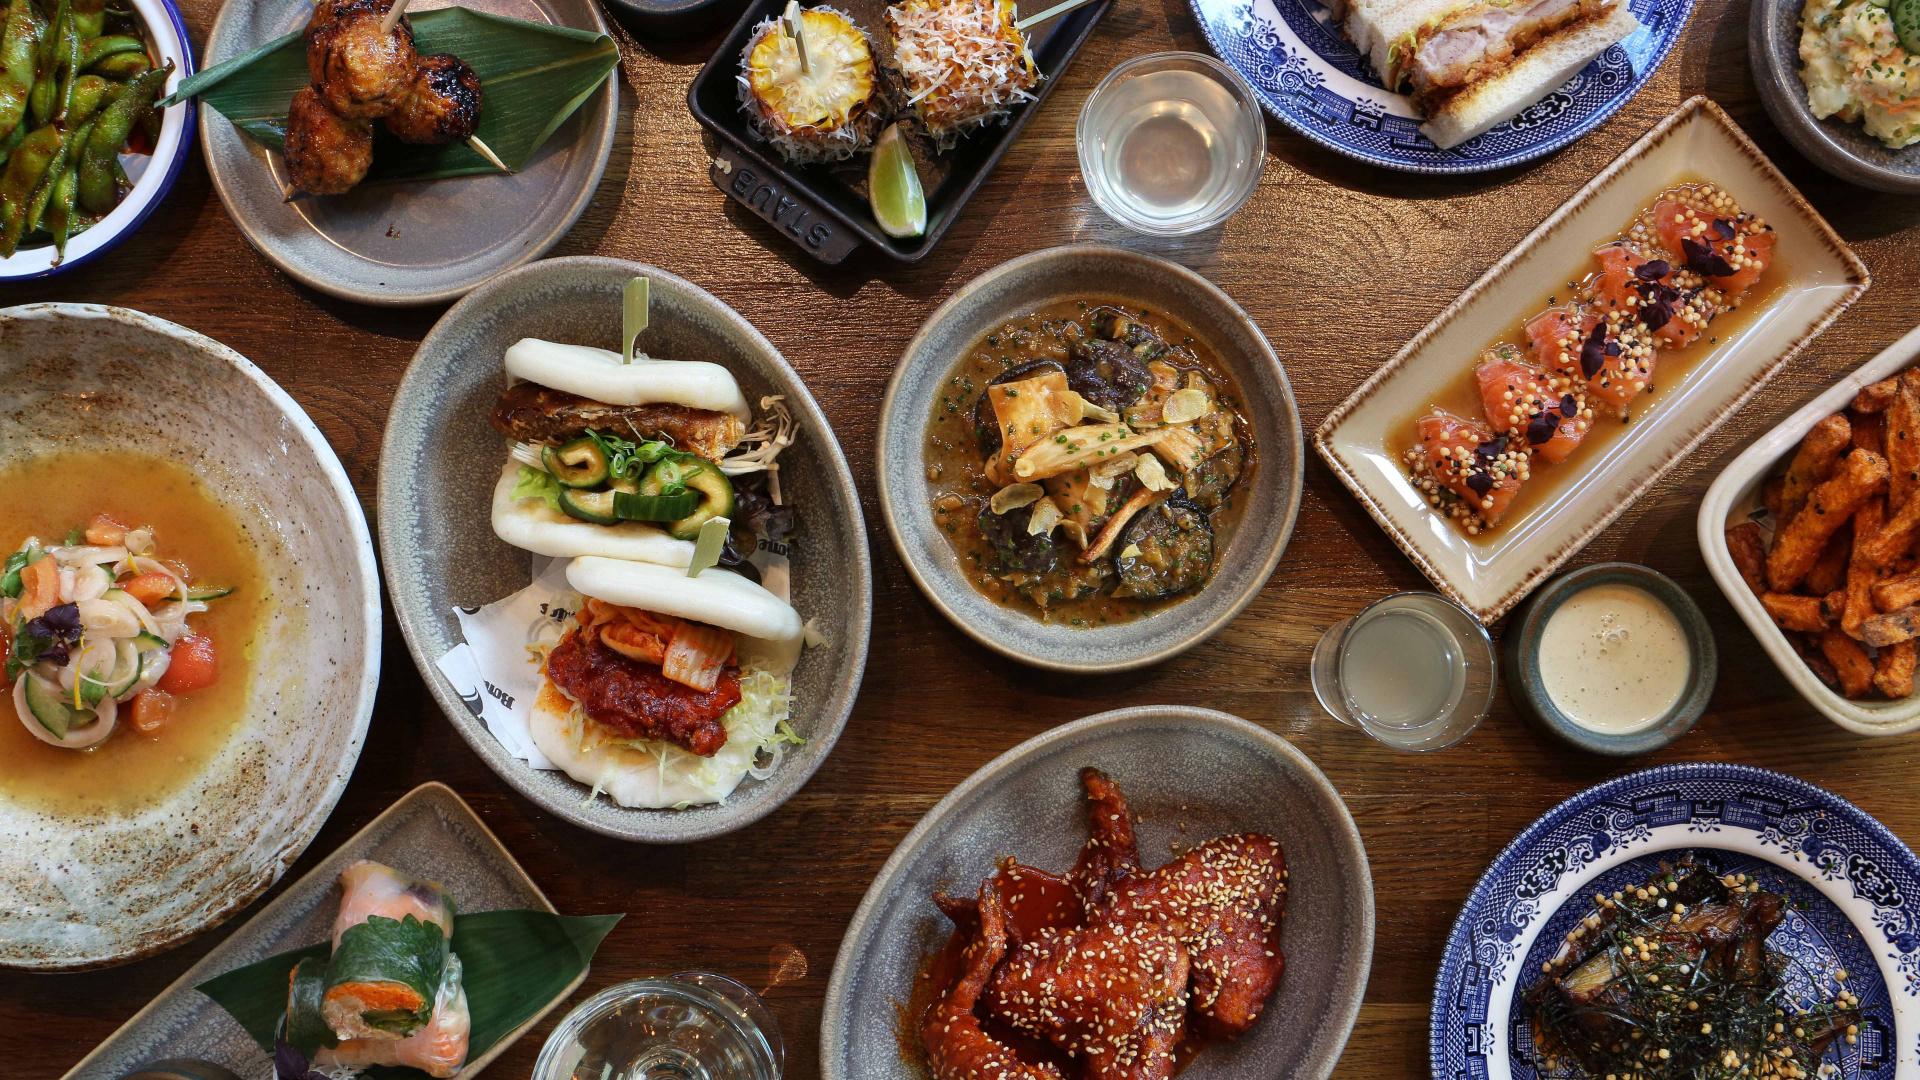 A brunch spread at Japanese-inspired restaurant Shackfuyu